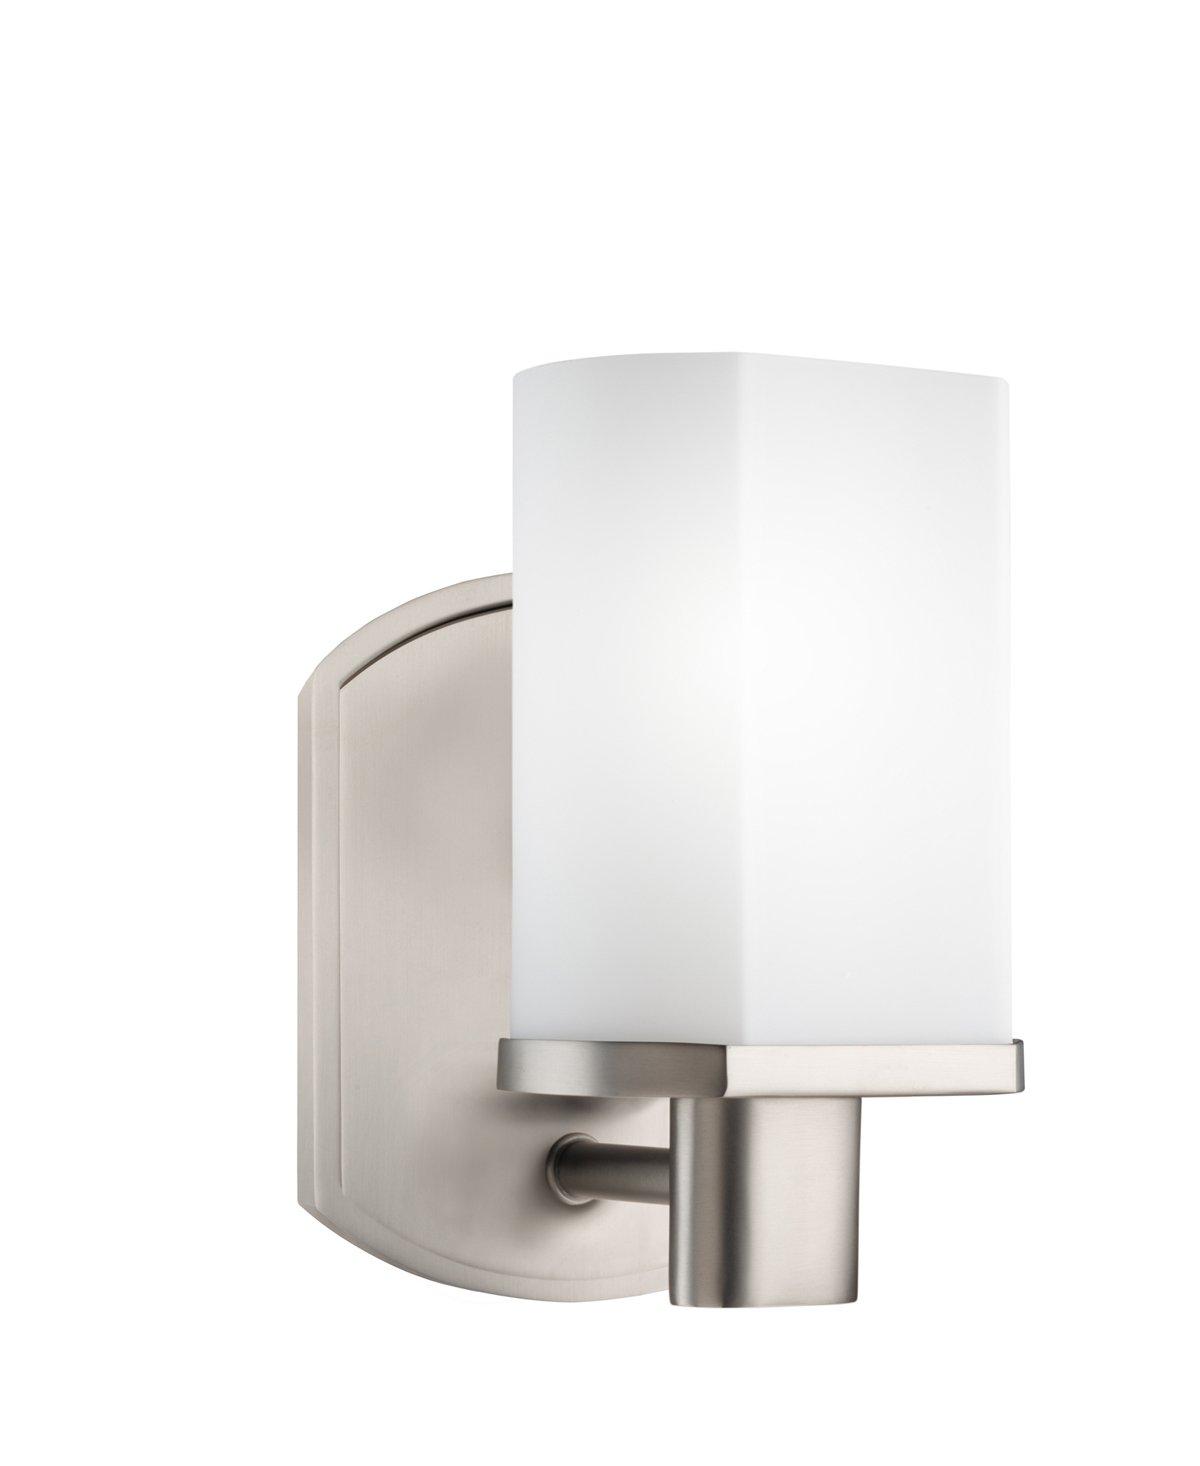 Kichler brushed nickel wall mt 1lt incandescent kichler brushed nickel - Kichler 5051ni Lege 1 Light Wall Sconce Brushed Nickel Vanity Lighting Fixtures Amazon Com